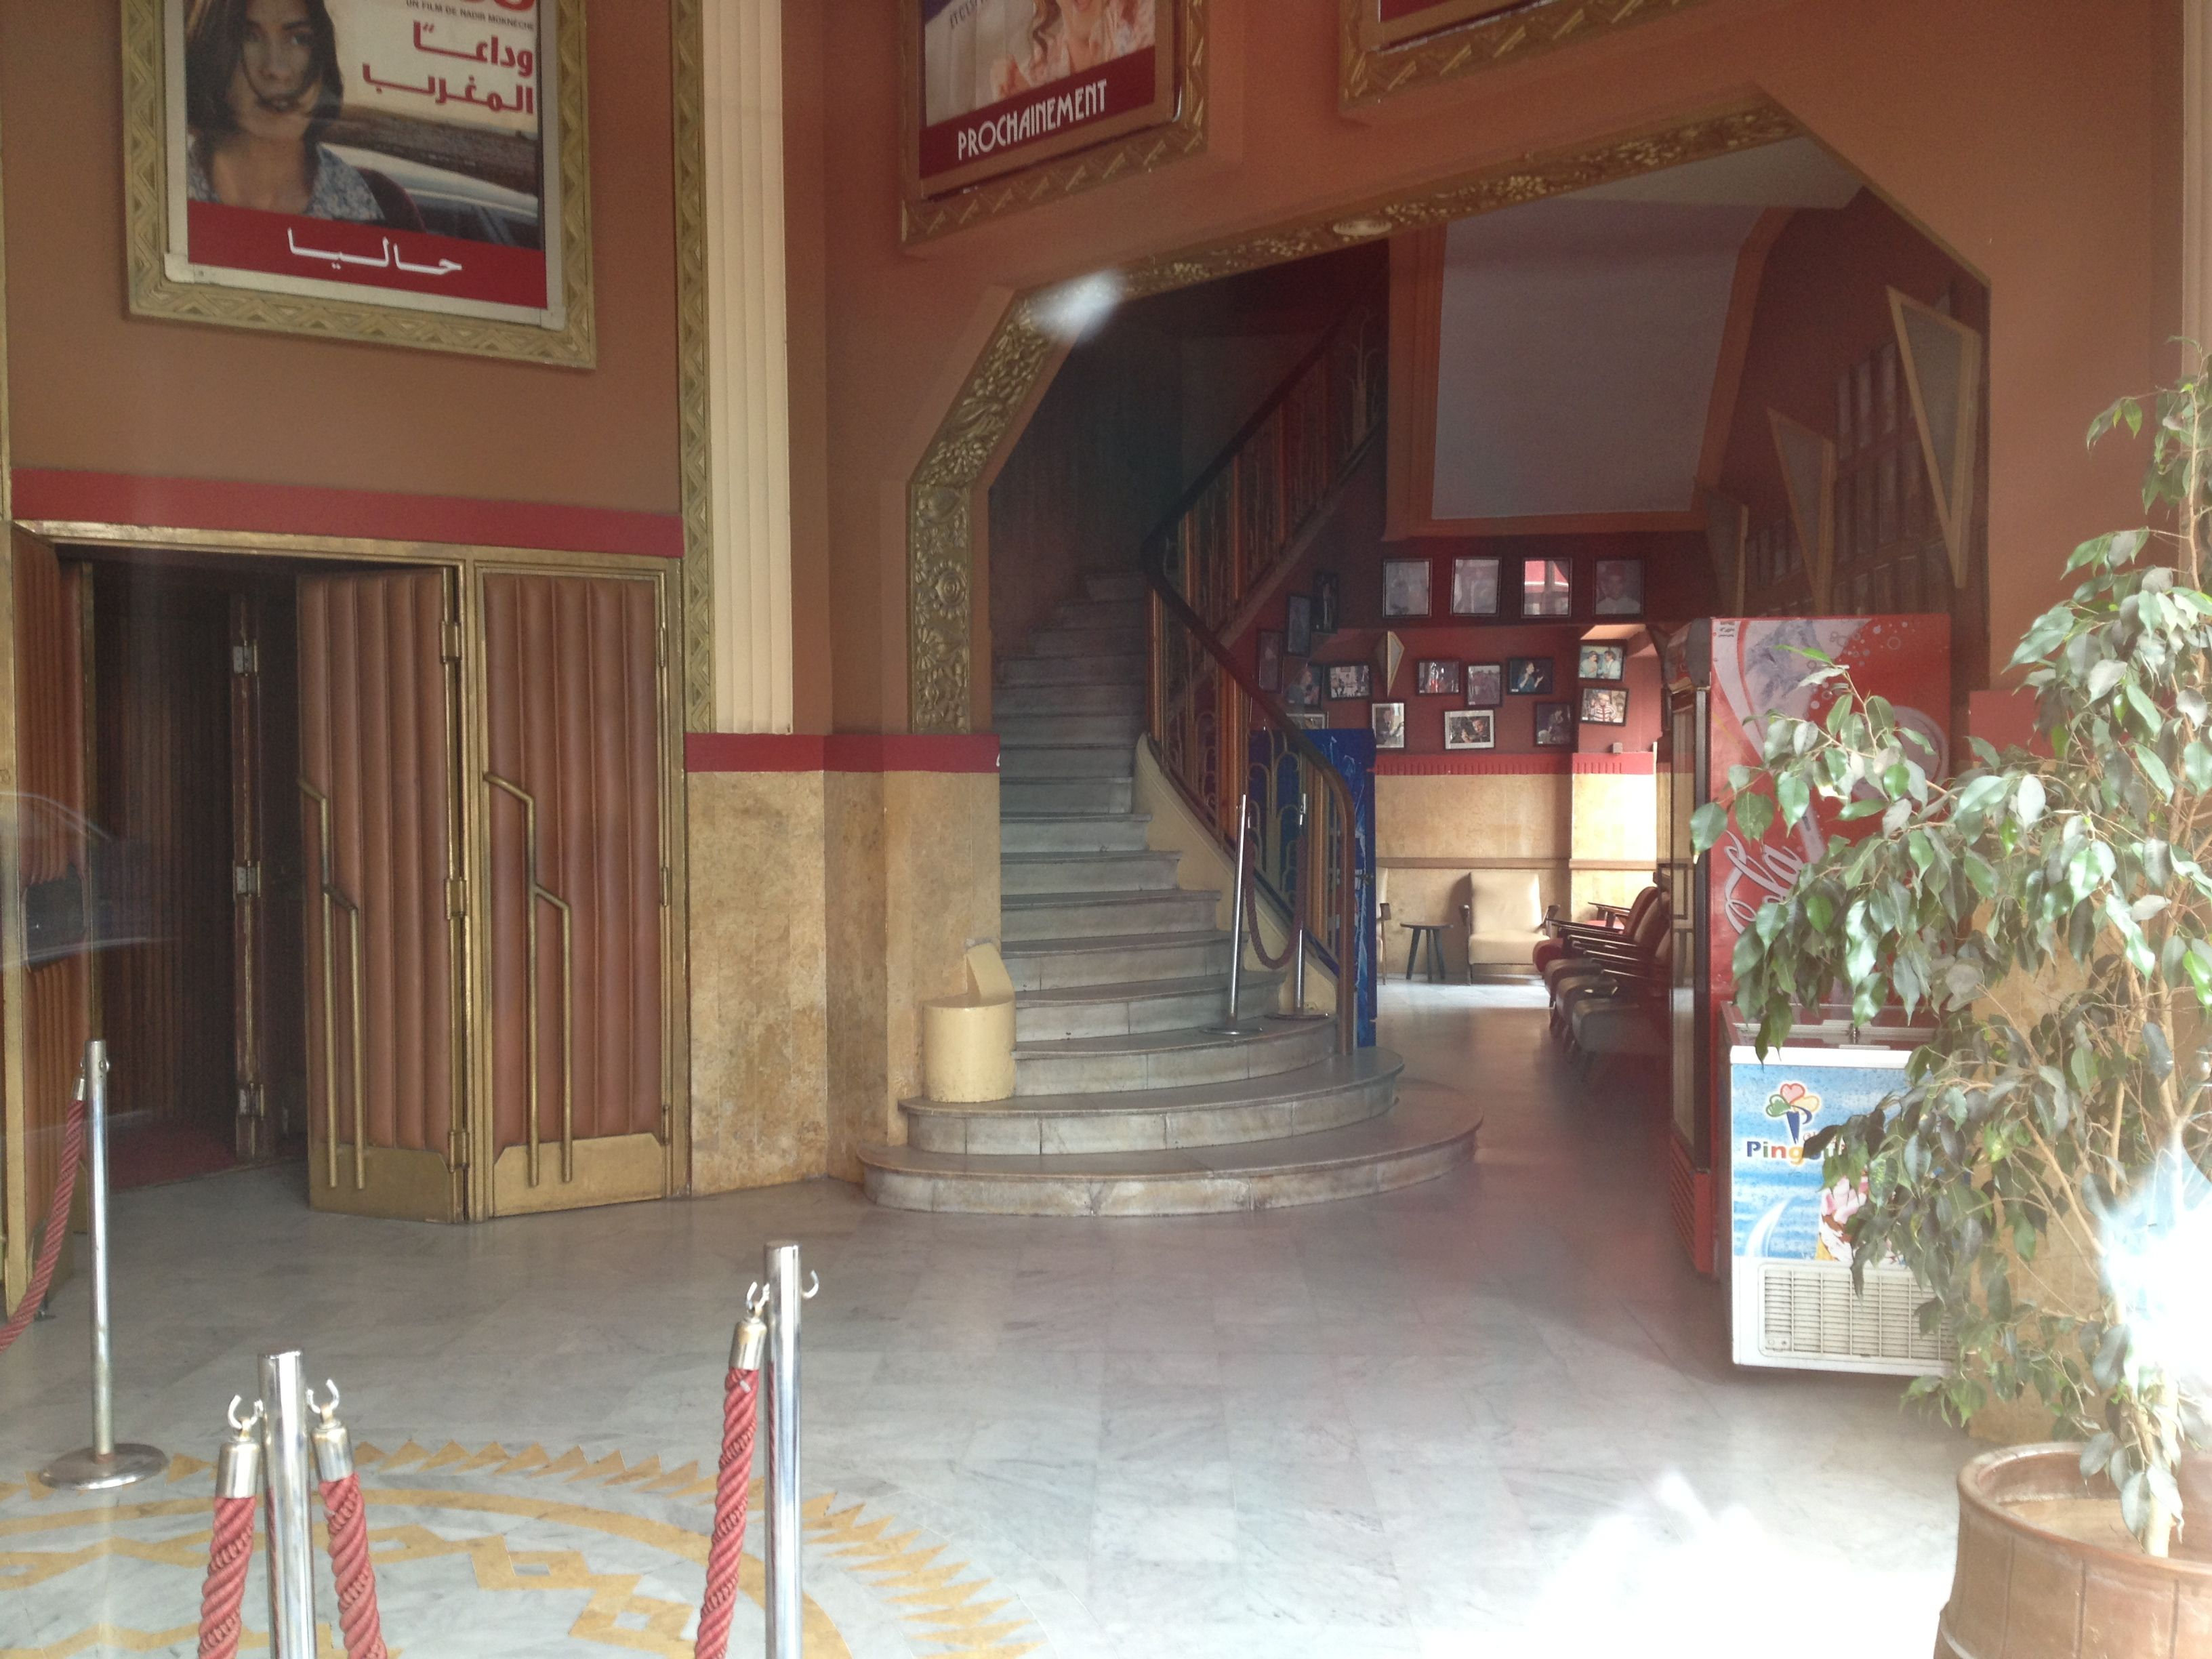 Inside the historic rialto theatre a single play theatre